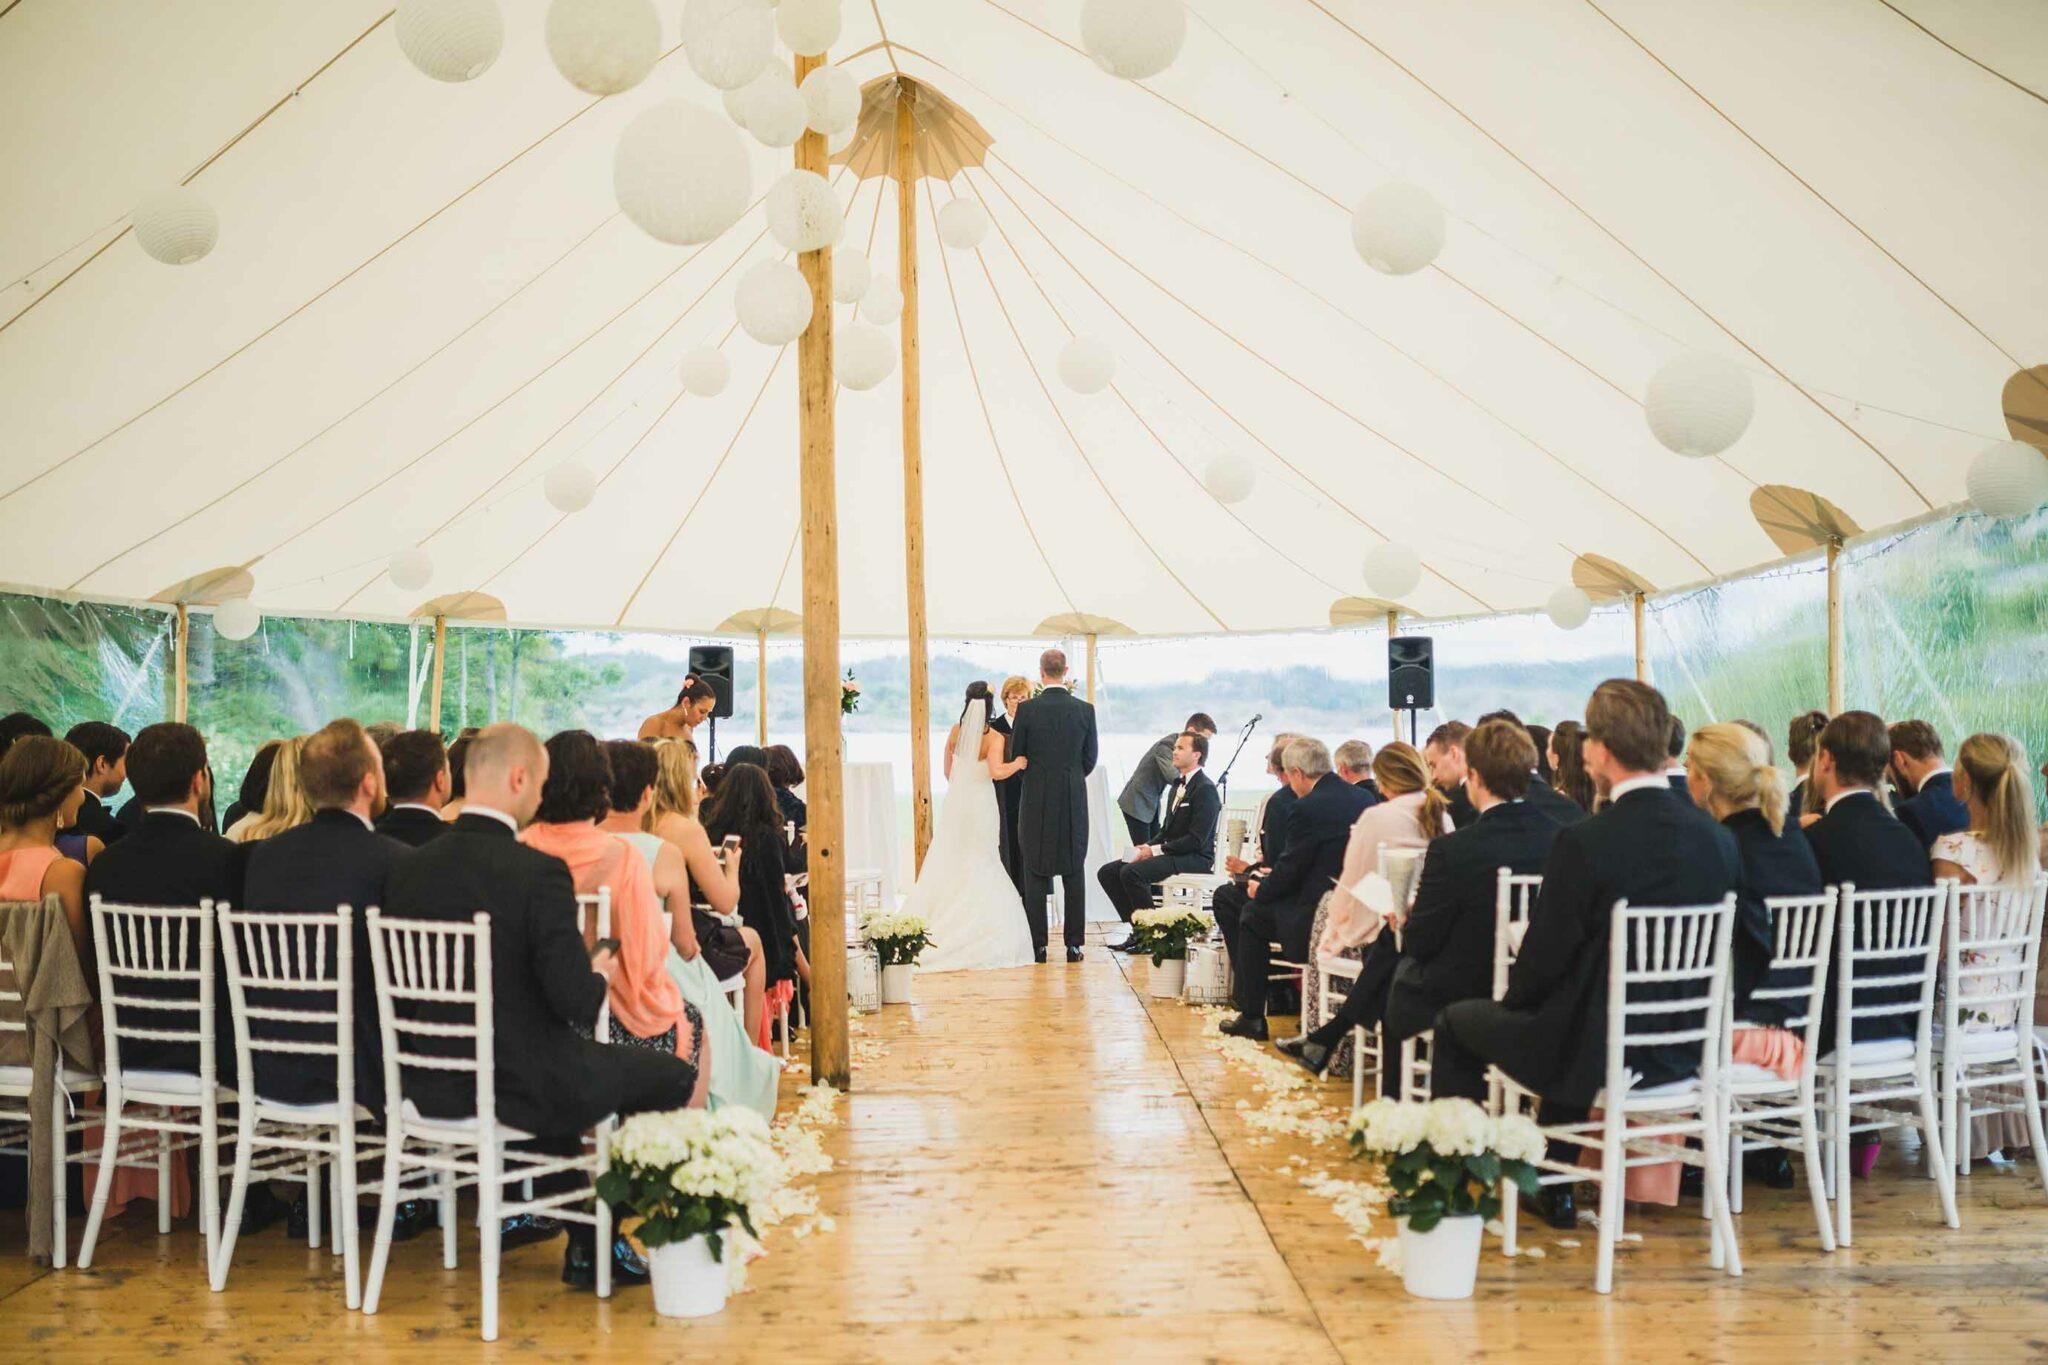 Brudepar gifter seg i telt med Sperrytents på Sørlandet.